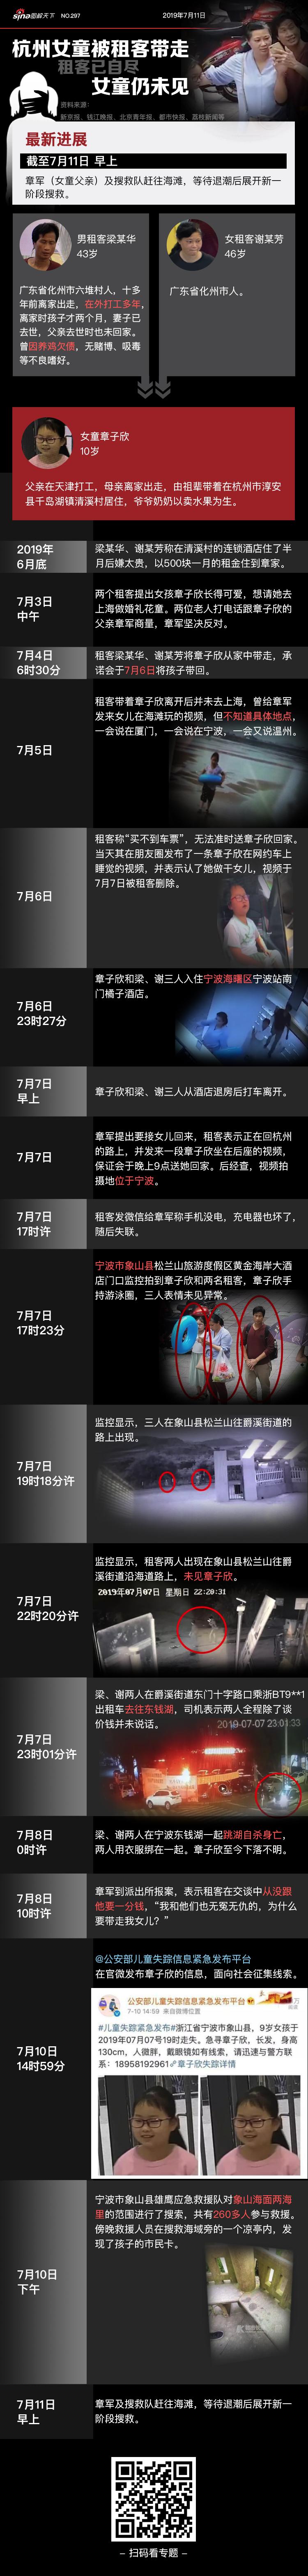 一图回顾杭州女童被带走后的7天丨新浪新快3平台图解天下